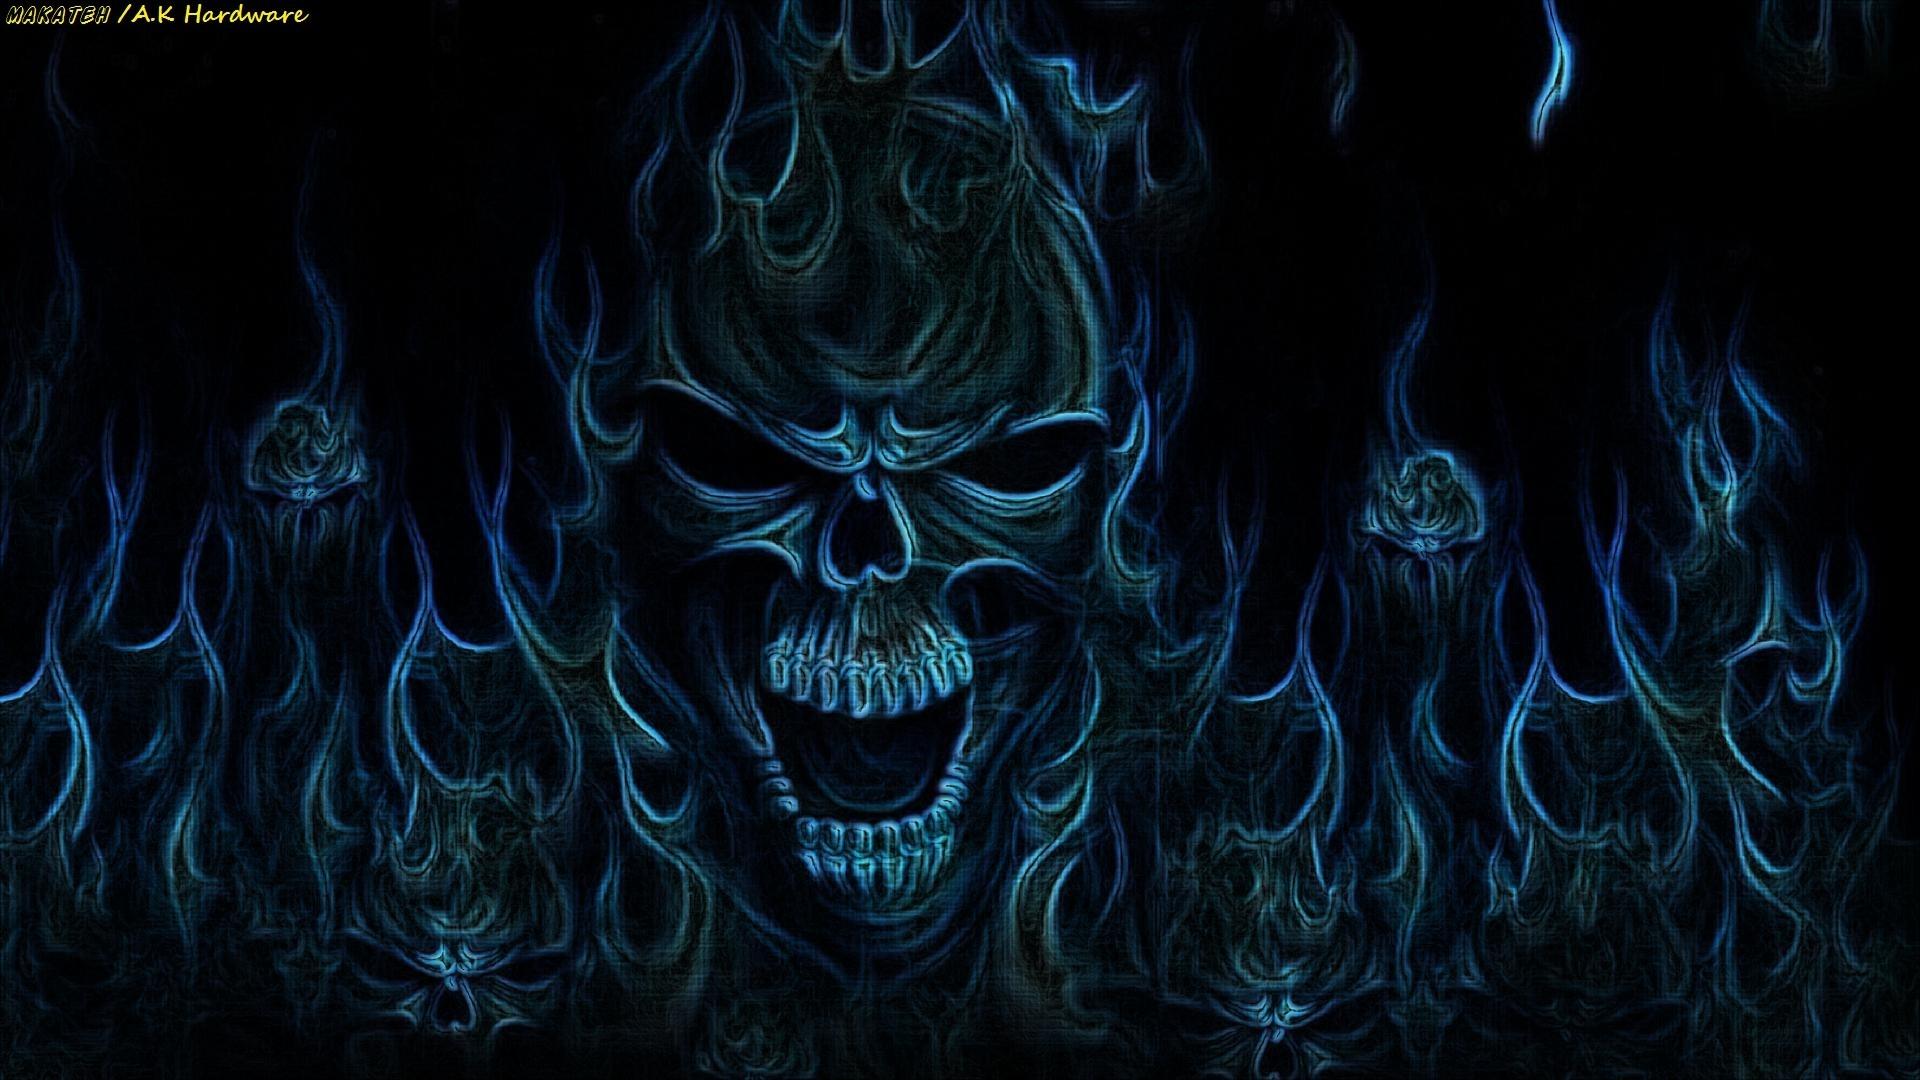 Skeleton Wallpapers For Desktop Wallpaper 1600×1000 Cool HD Skull Wallpapers  (47 Wallpapers)   Adorable Wallpapers   Desktop   Pinterest   Hd skull …